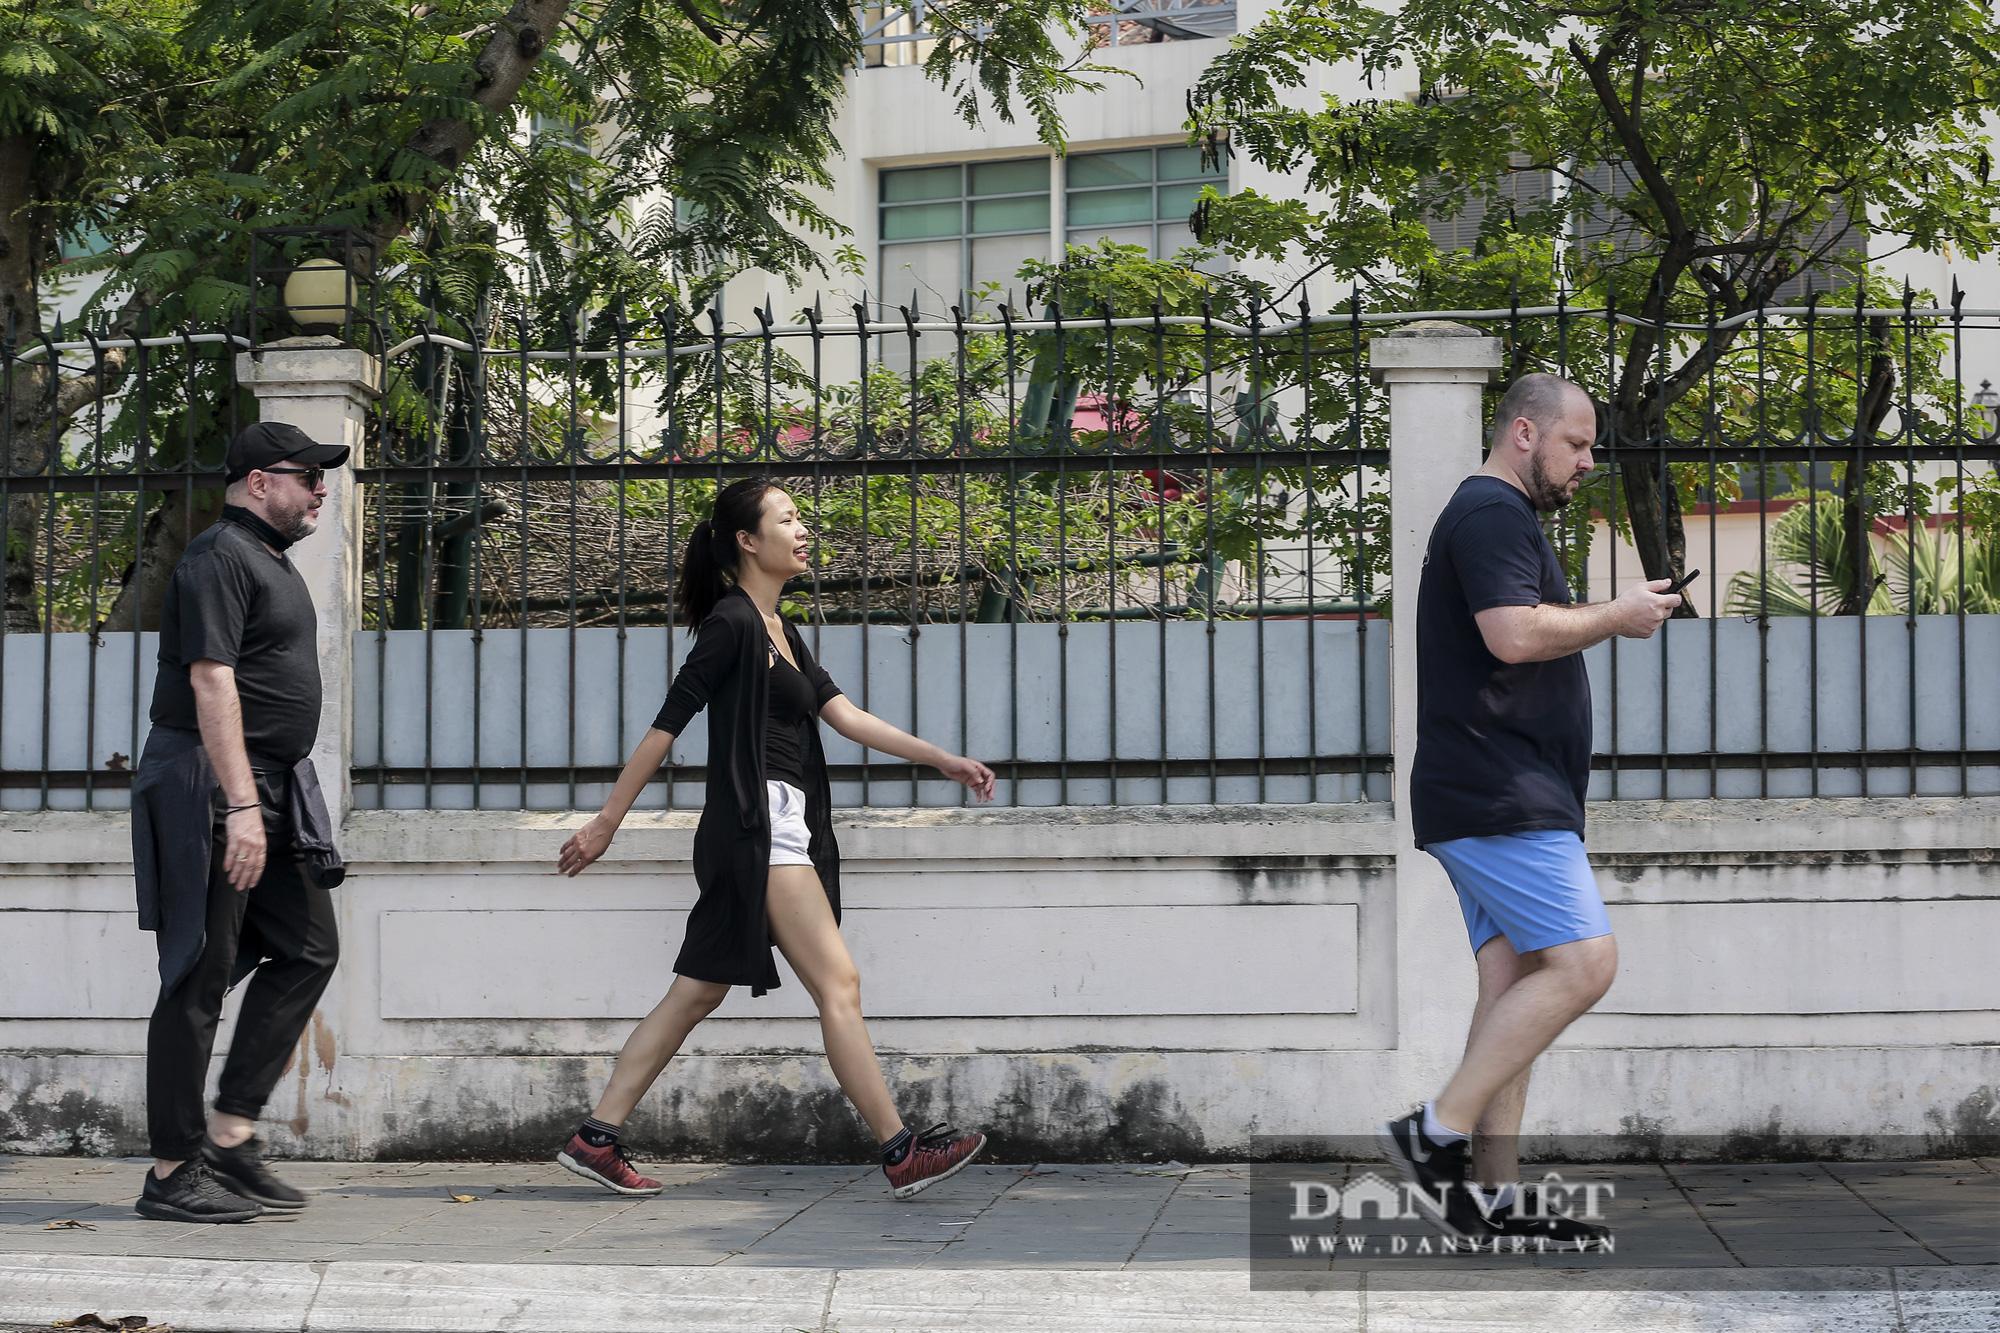 Người nước ngoài cẩn trọng hơn sau nhiều vụ quấy rối tình dục tại hồ Tây - Ảnh 8.